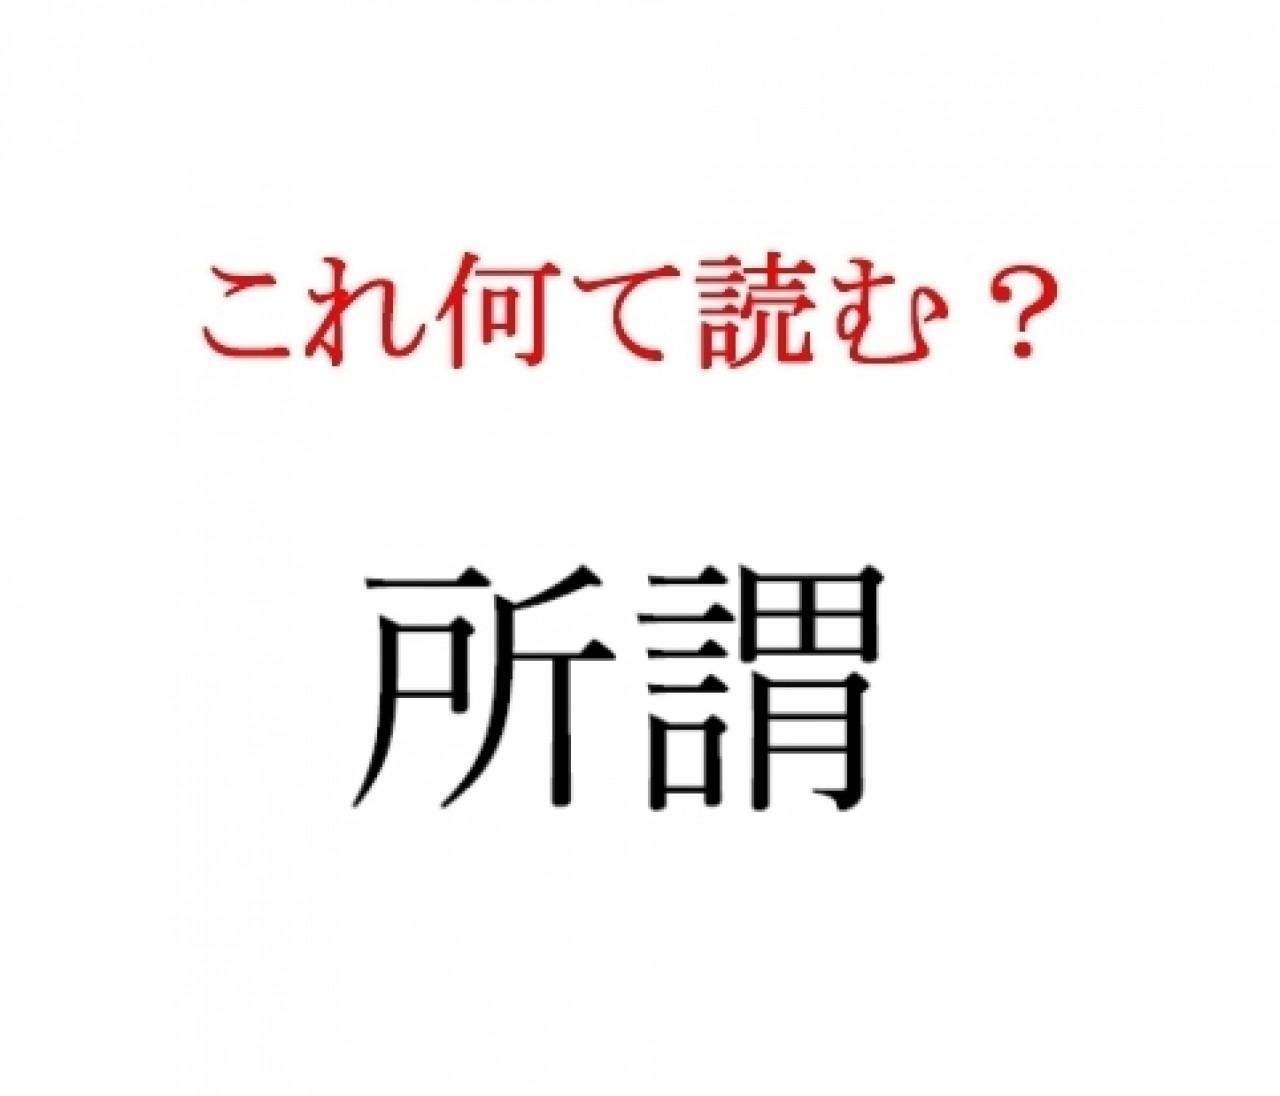 「所謂」:この漢字、自信を持って読めますか?【働く大人の漢字クイズvol.23】